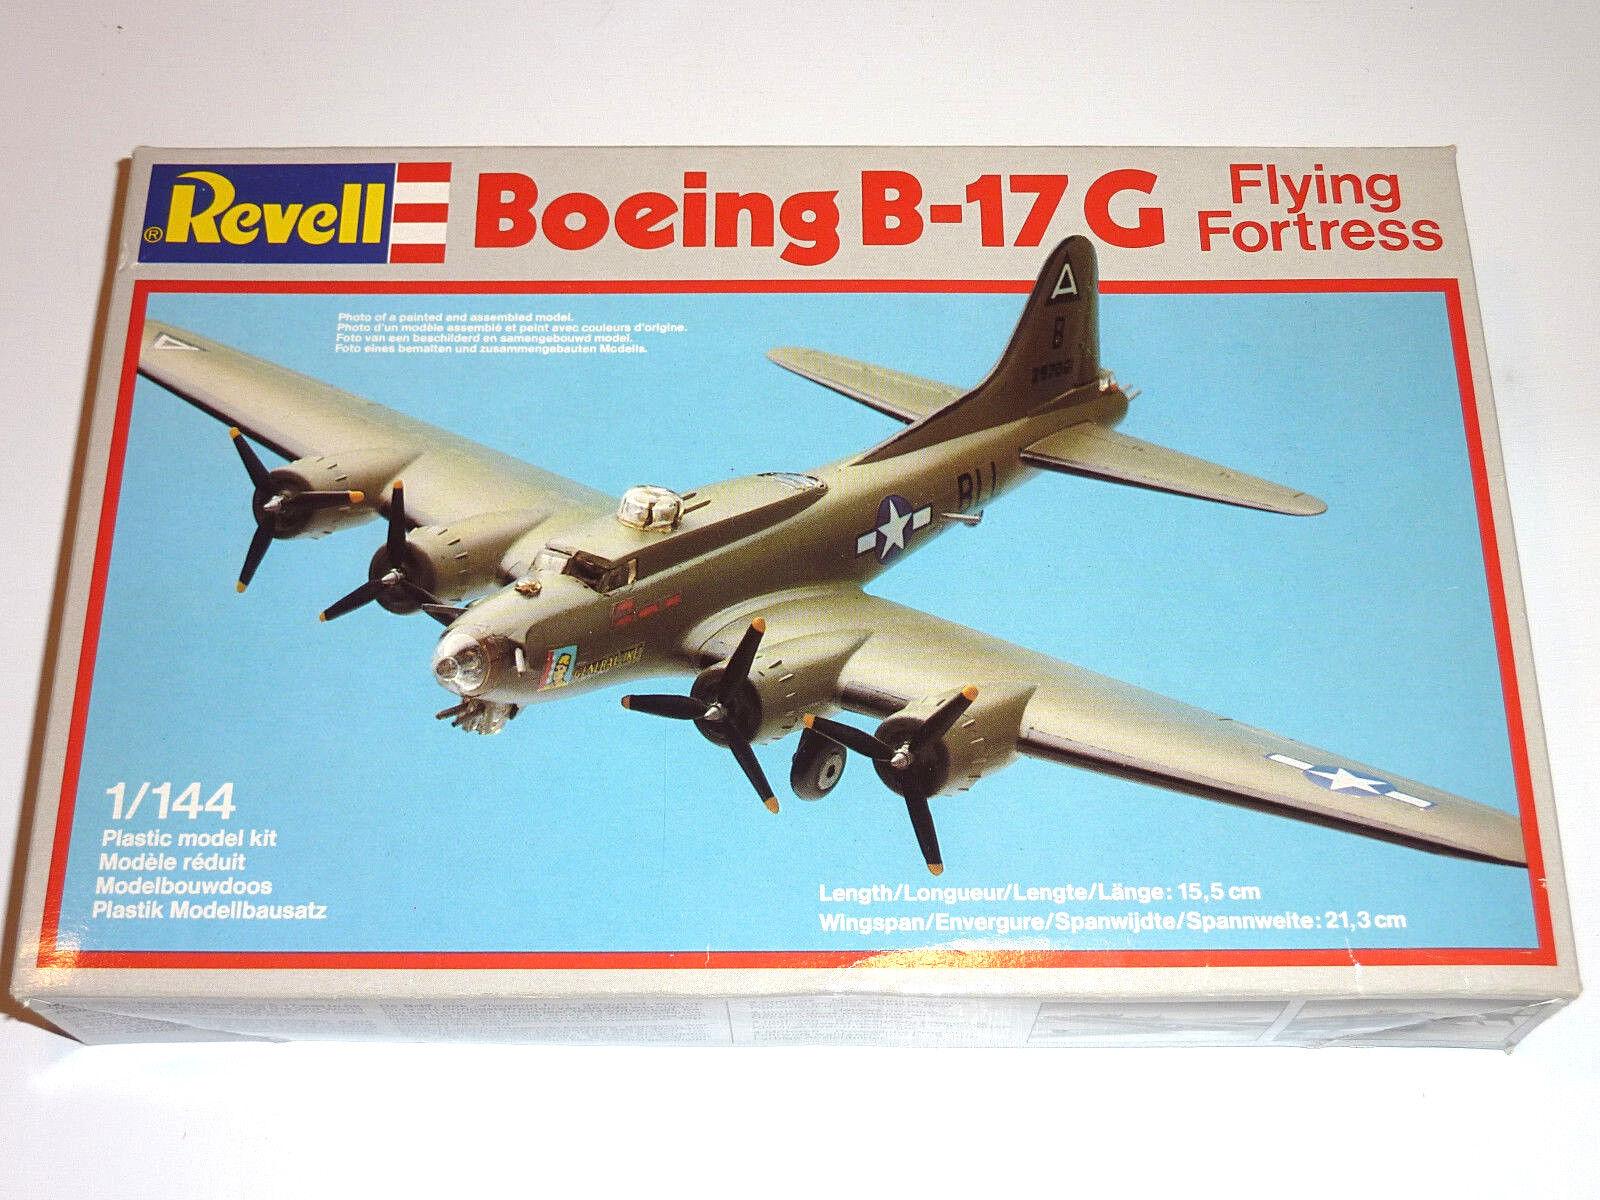 REVELL 4136 BOEING B-17 G FliegenING FORTRESS 1 144 ALT OLD ZEER OUDE KIT OVP (1982)